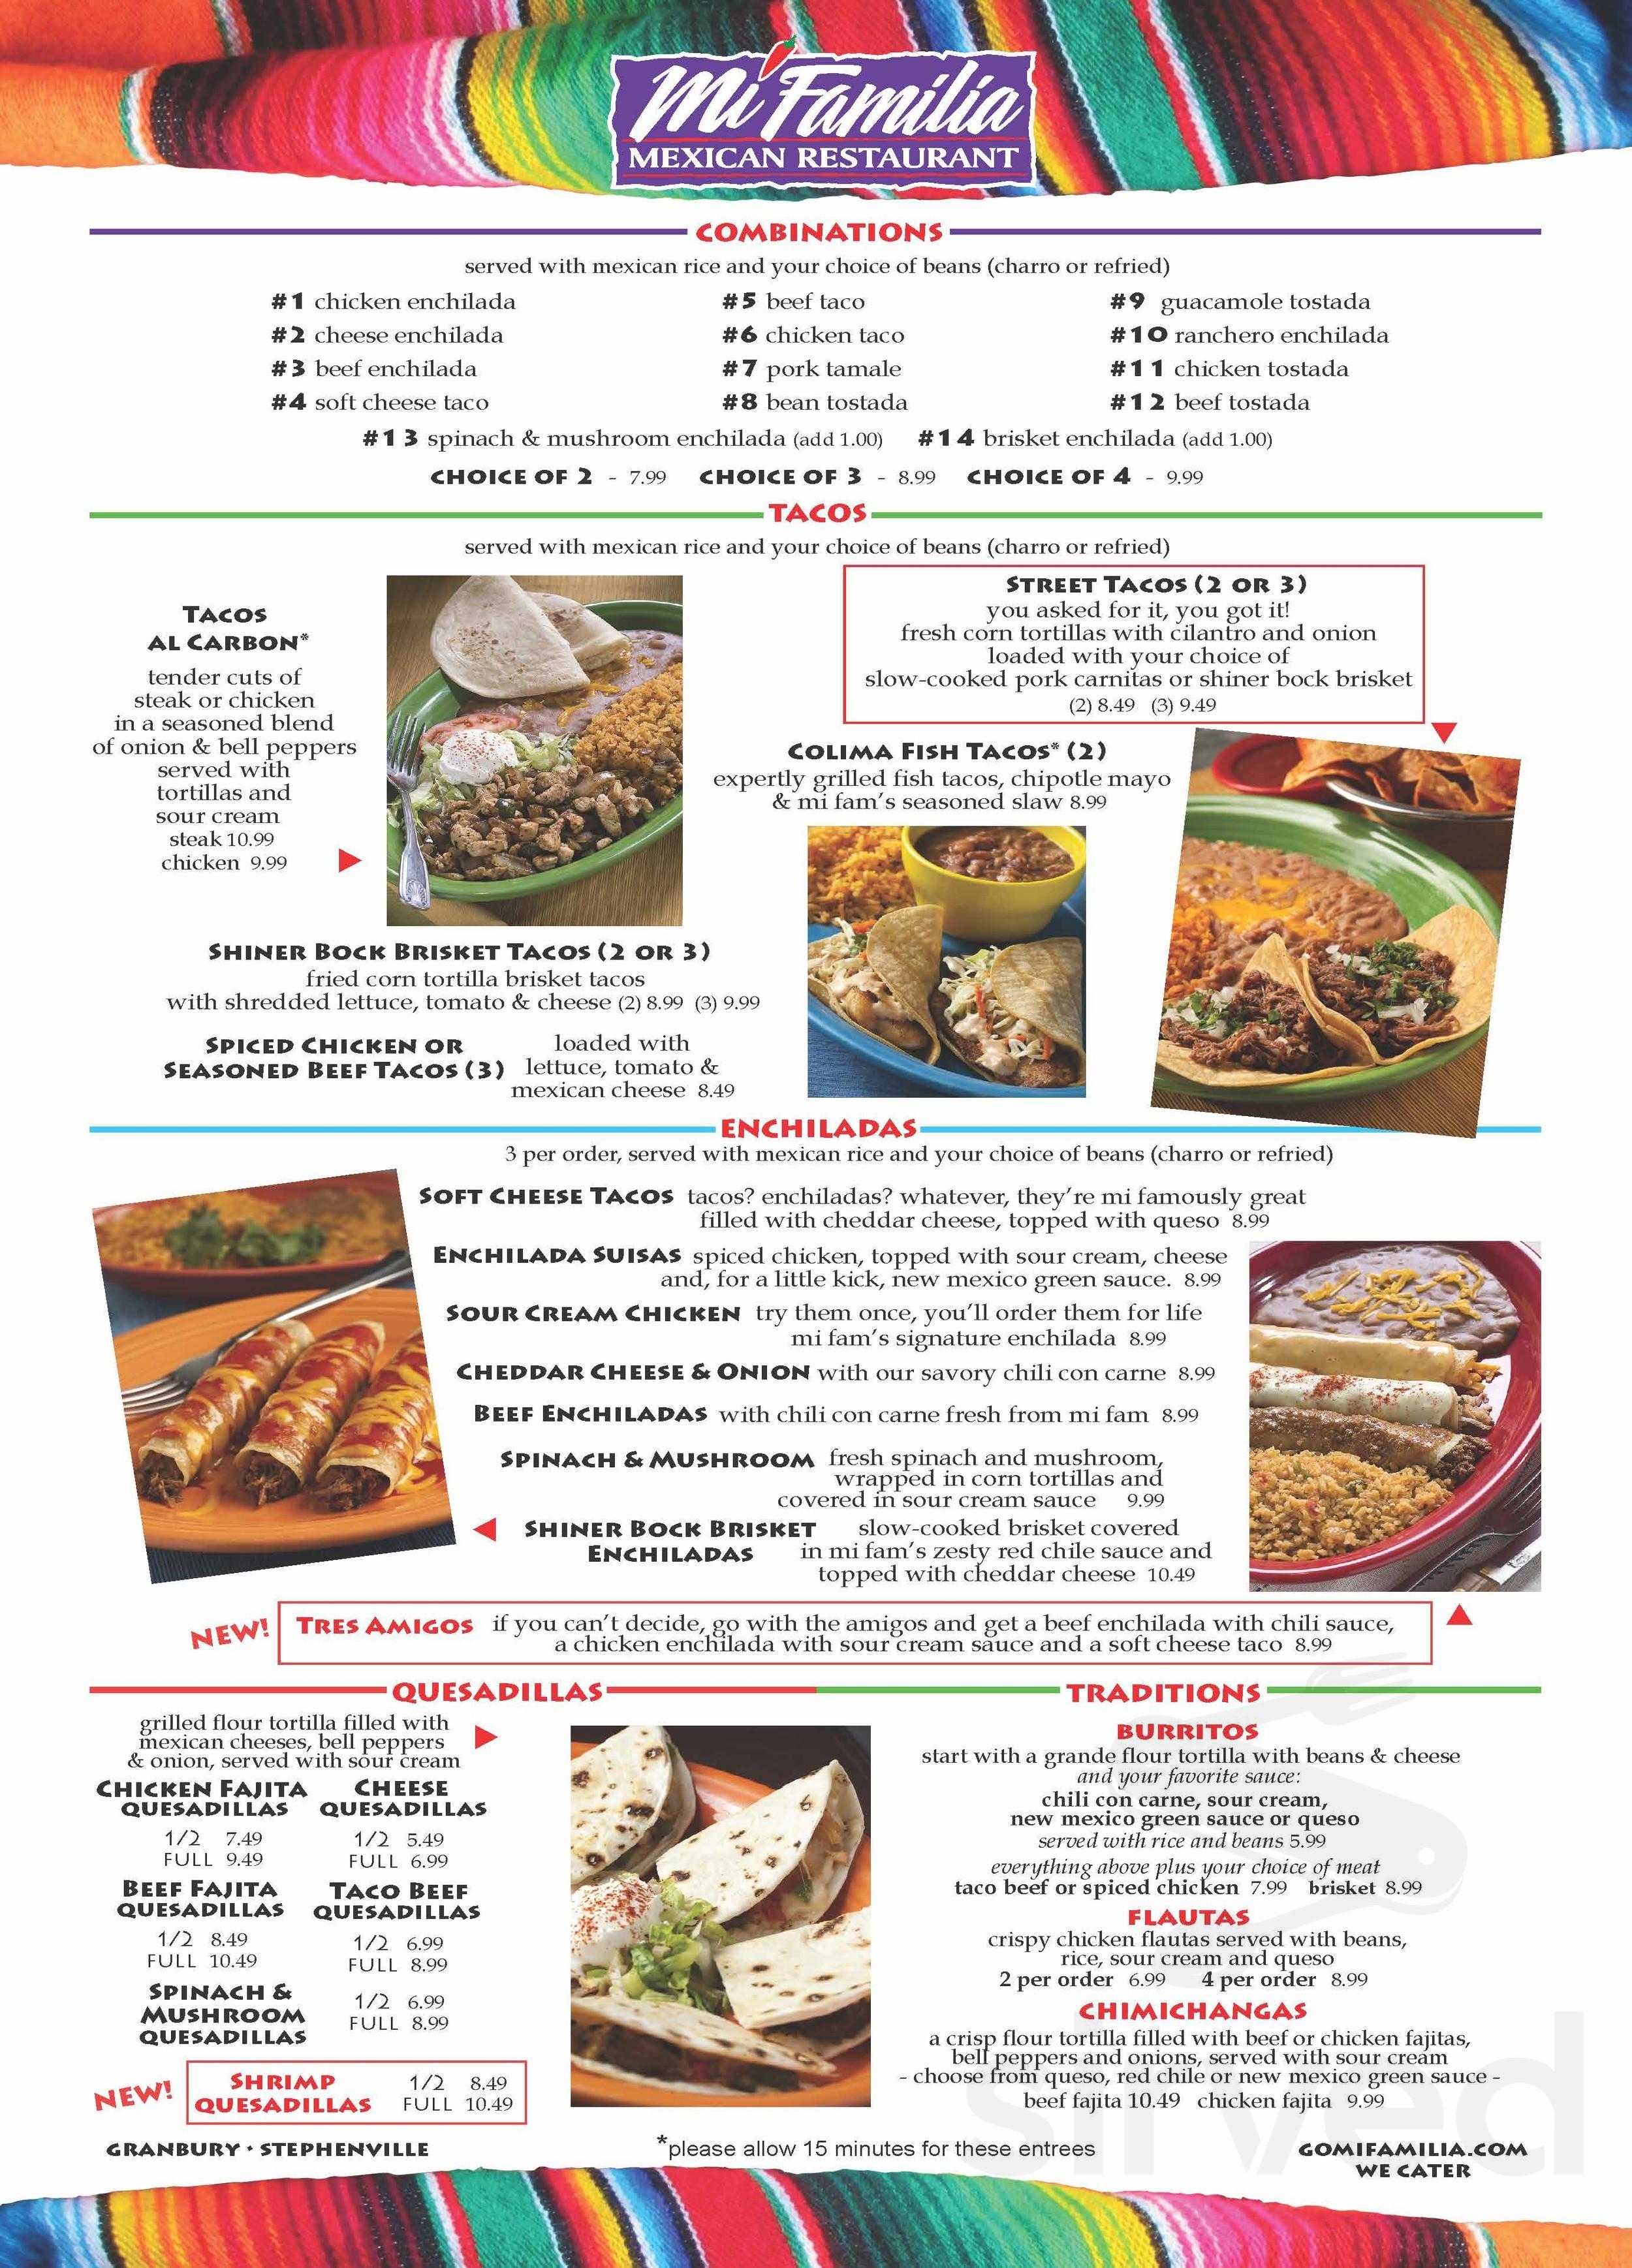 Menu For Mi Familia Mexican Restaurant In Granbury Texas